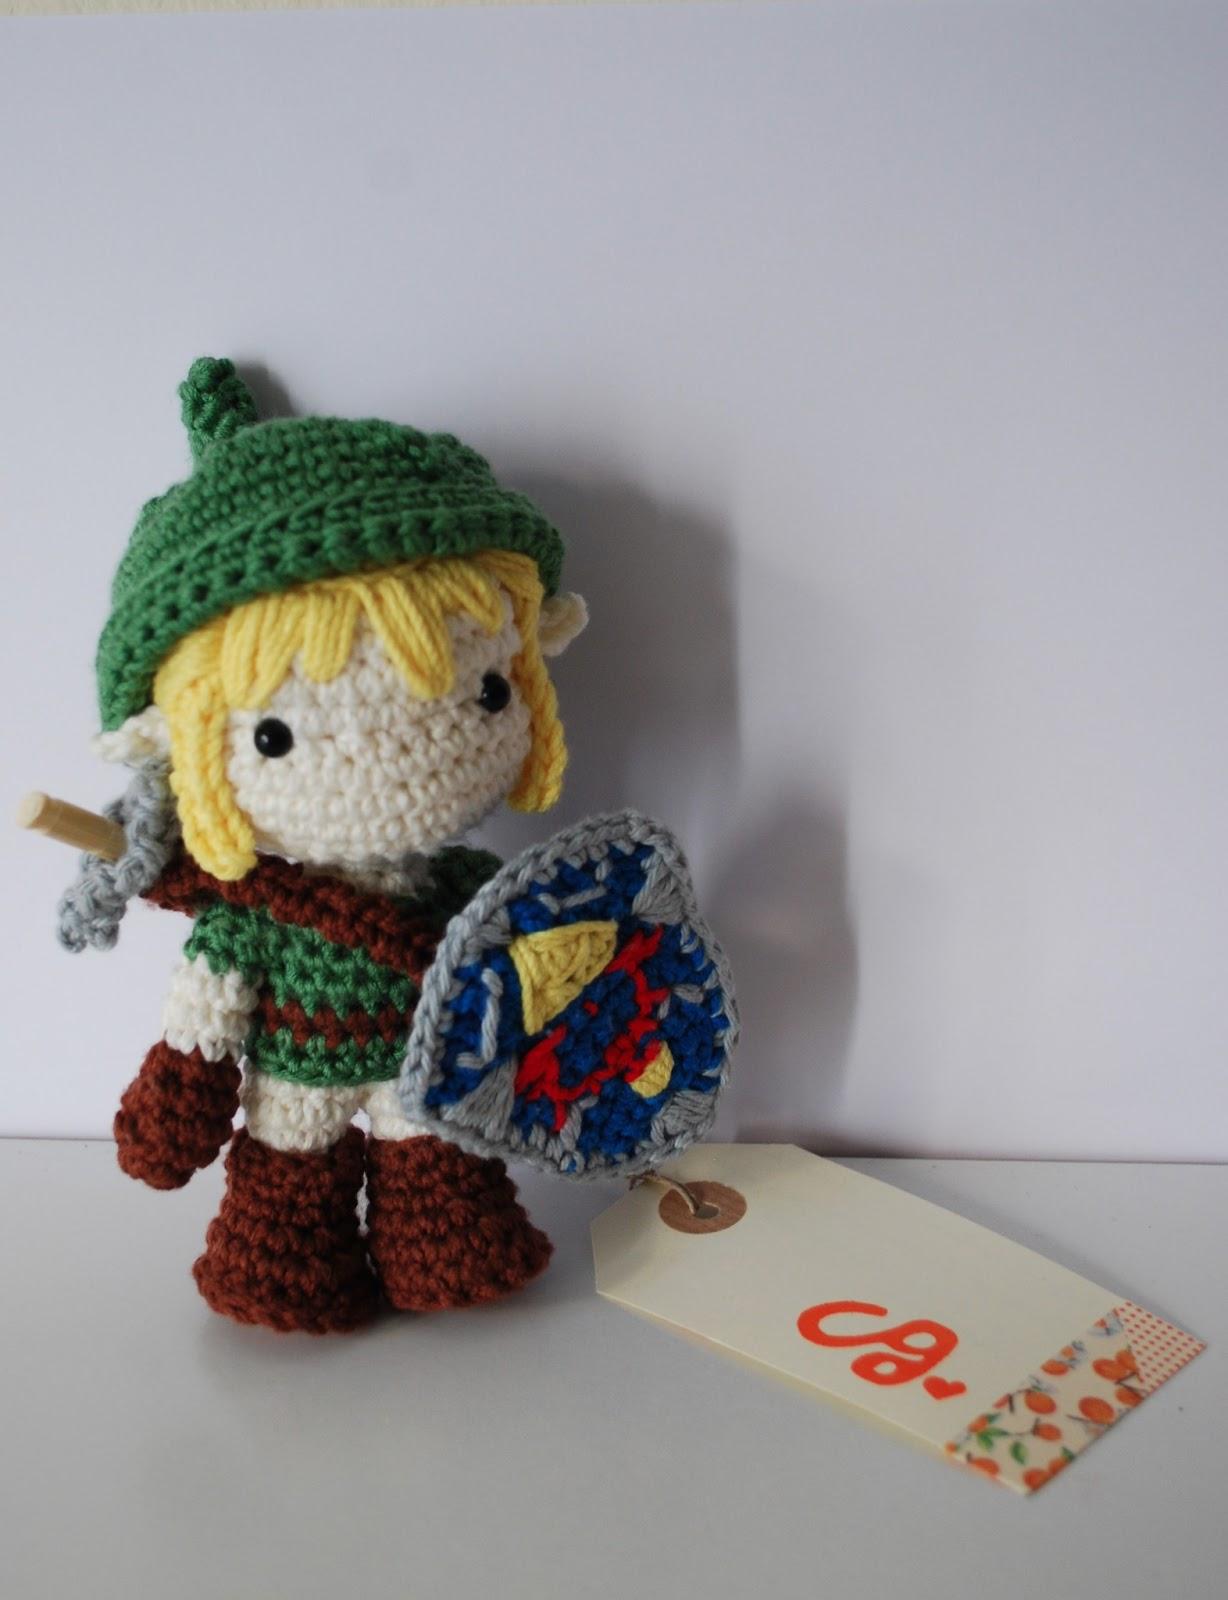 Amigurumi Zelda : Crafteando, que es gerundio: Meses de cambios entre ovillos